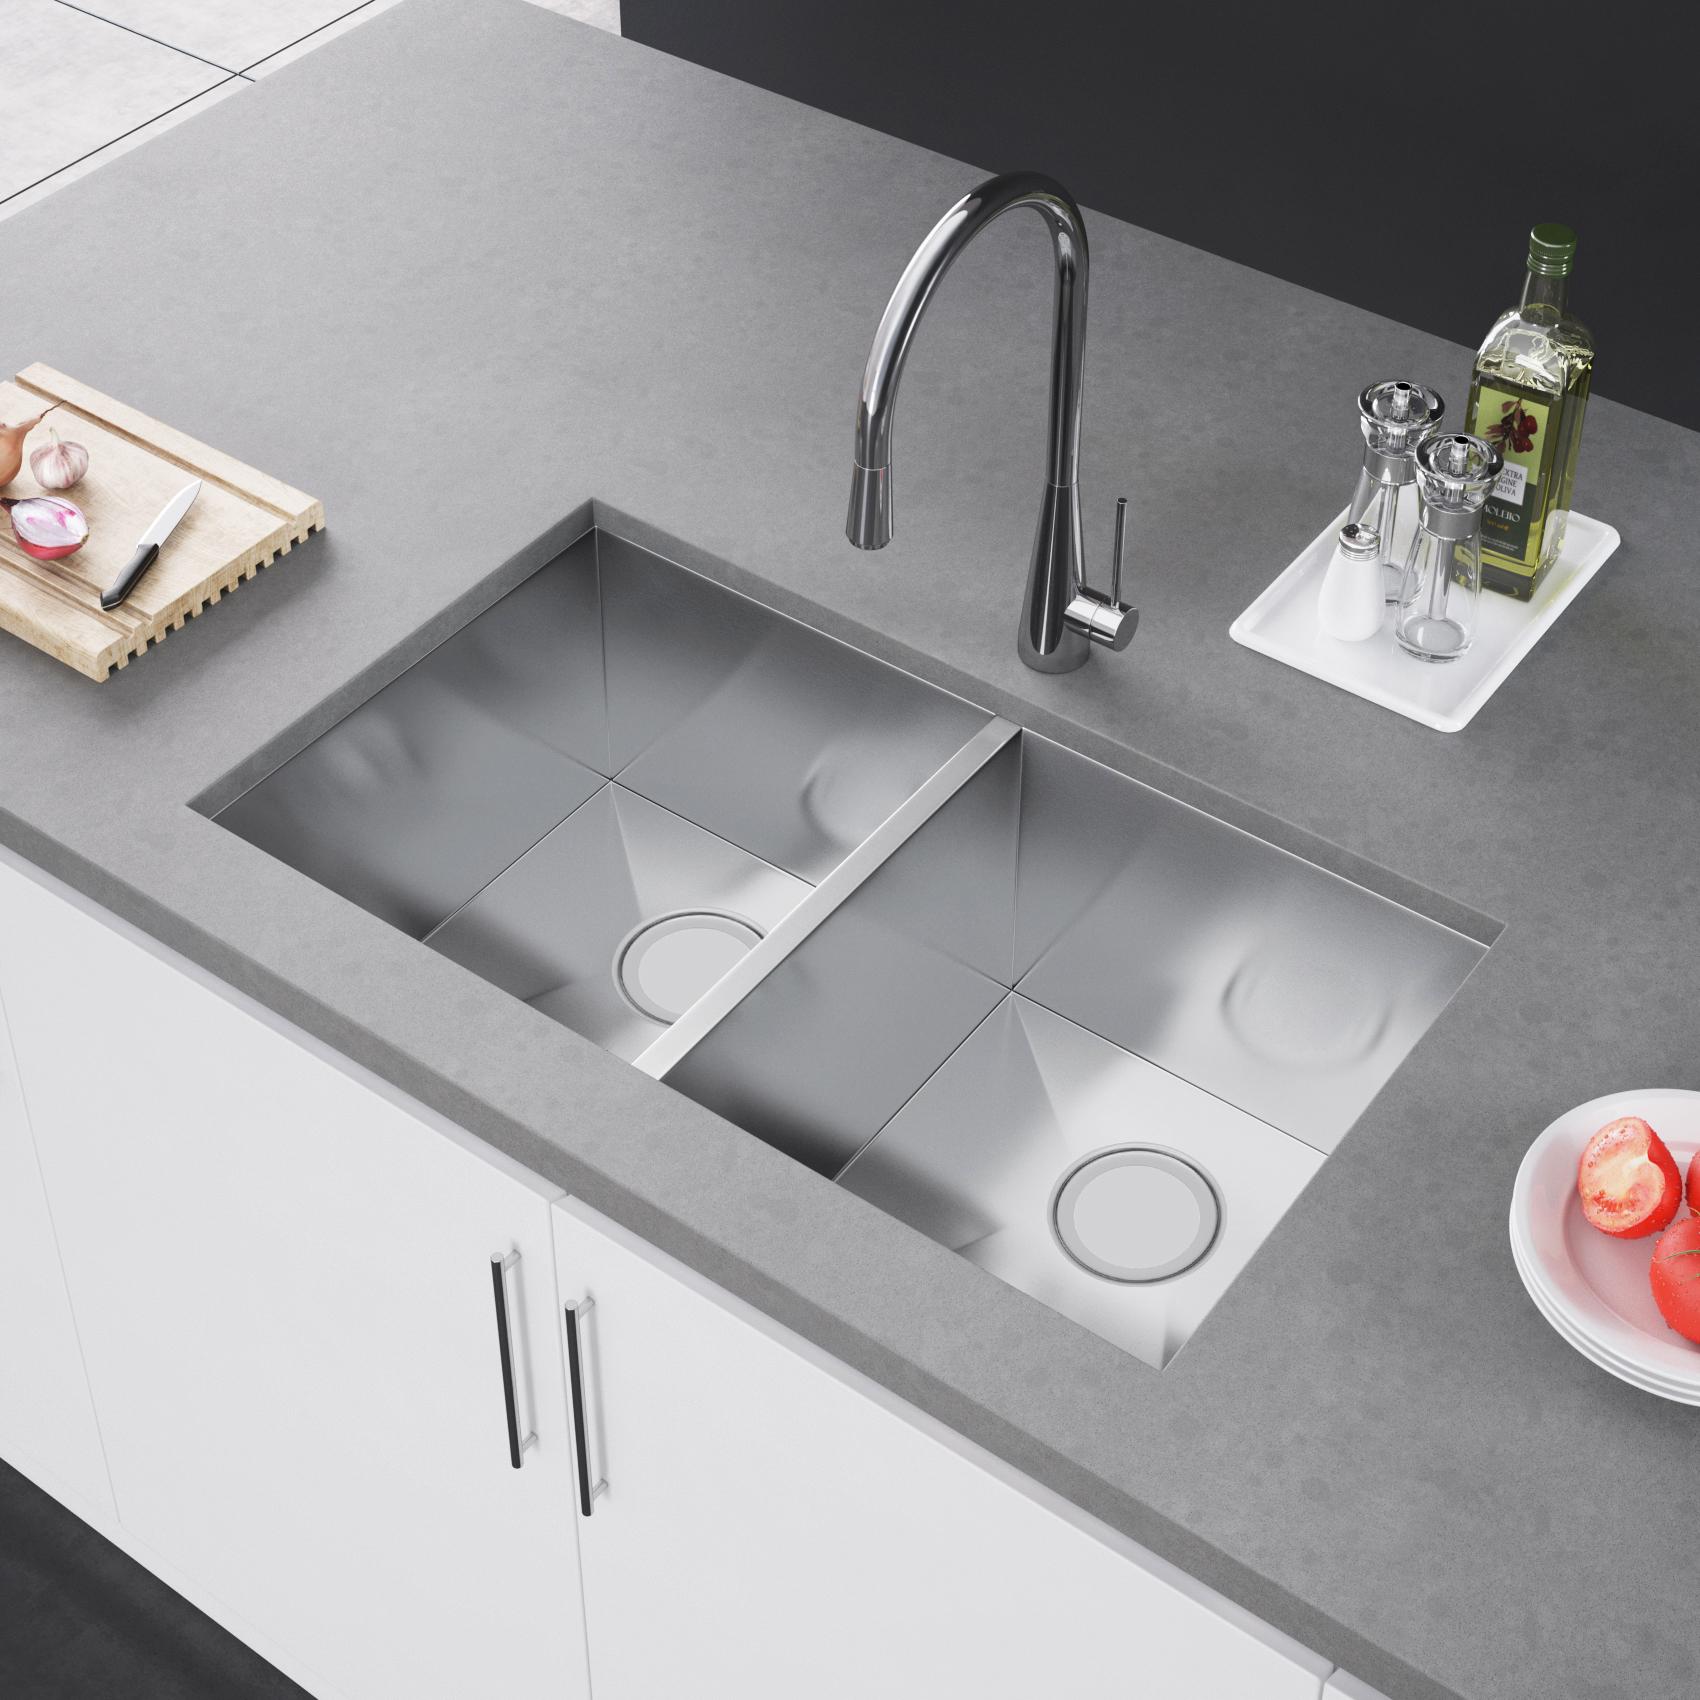 white kitchen sink undermount ikea kitchen sink stainless st